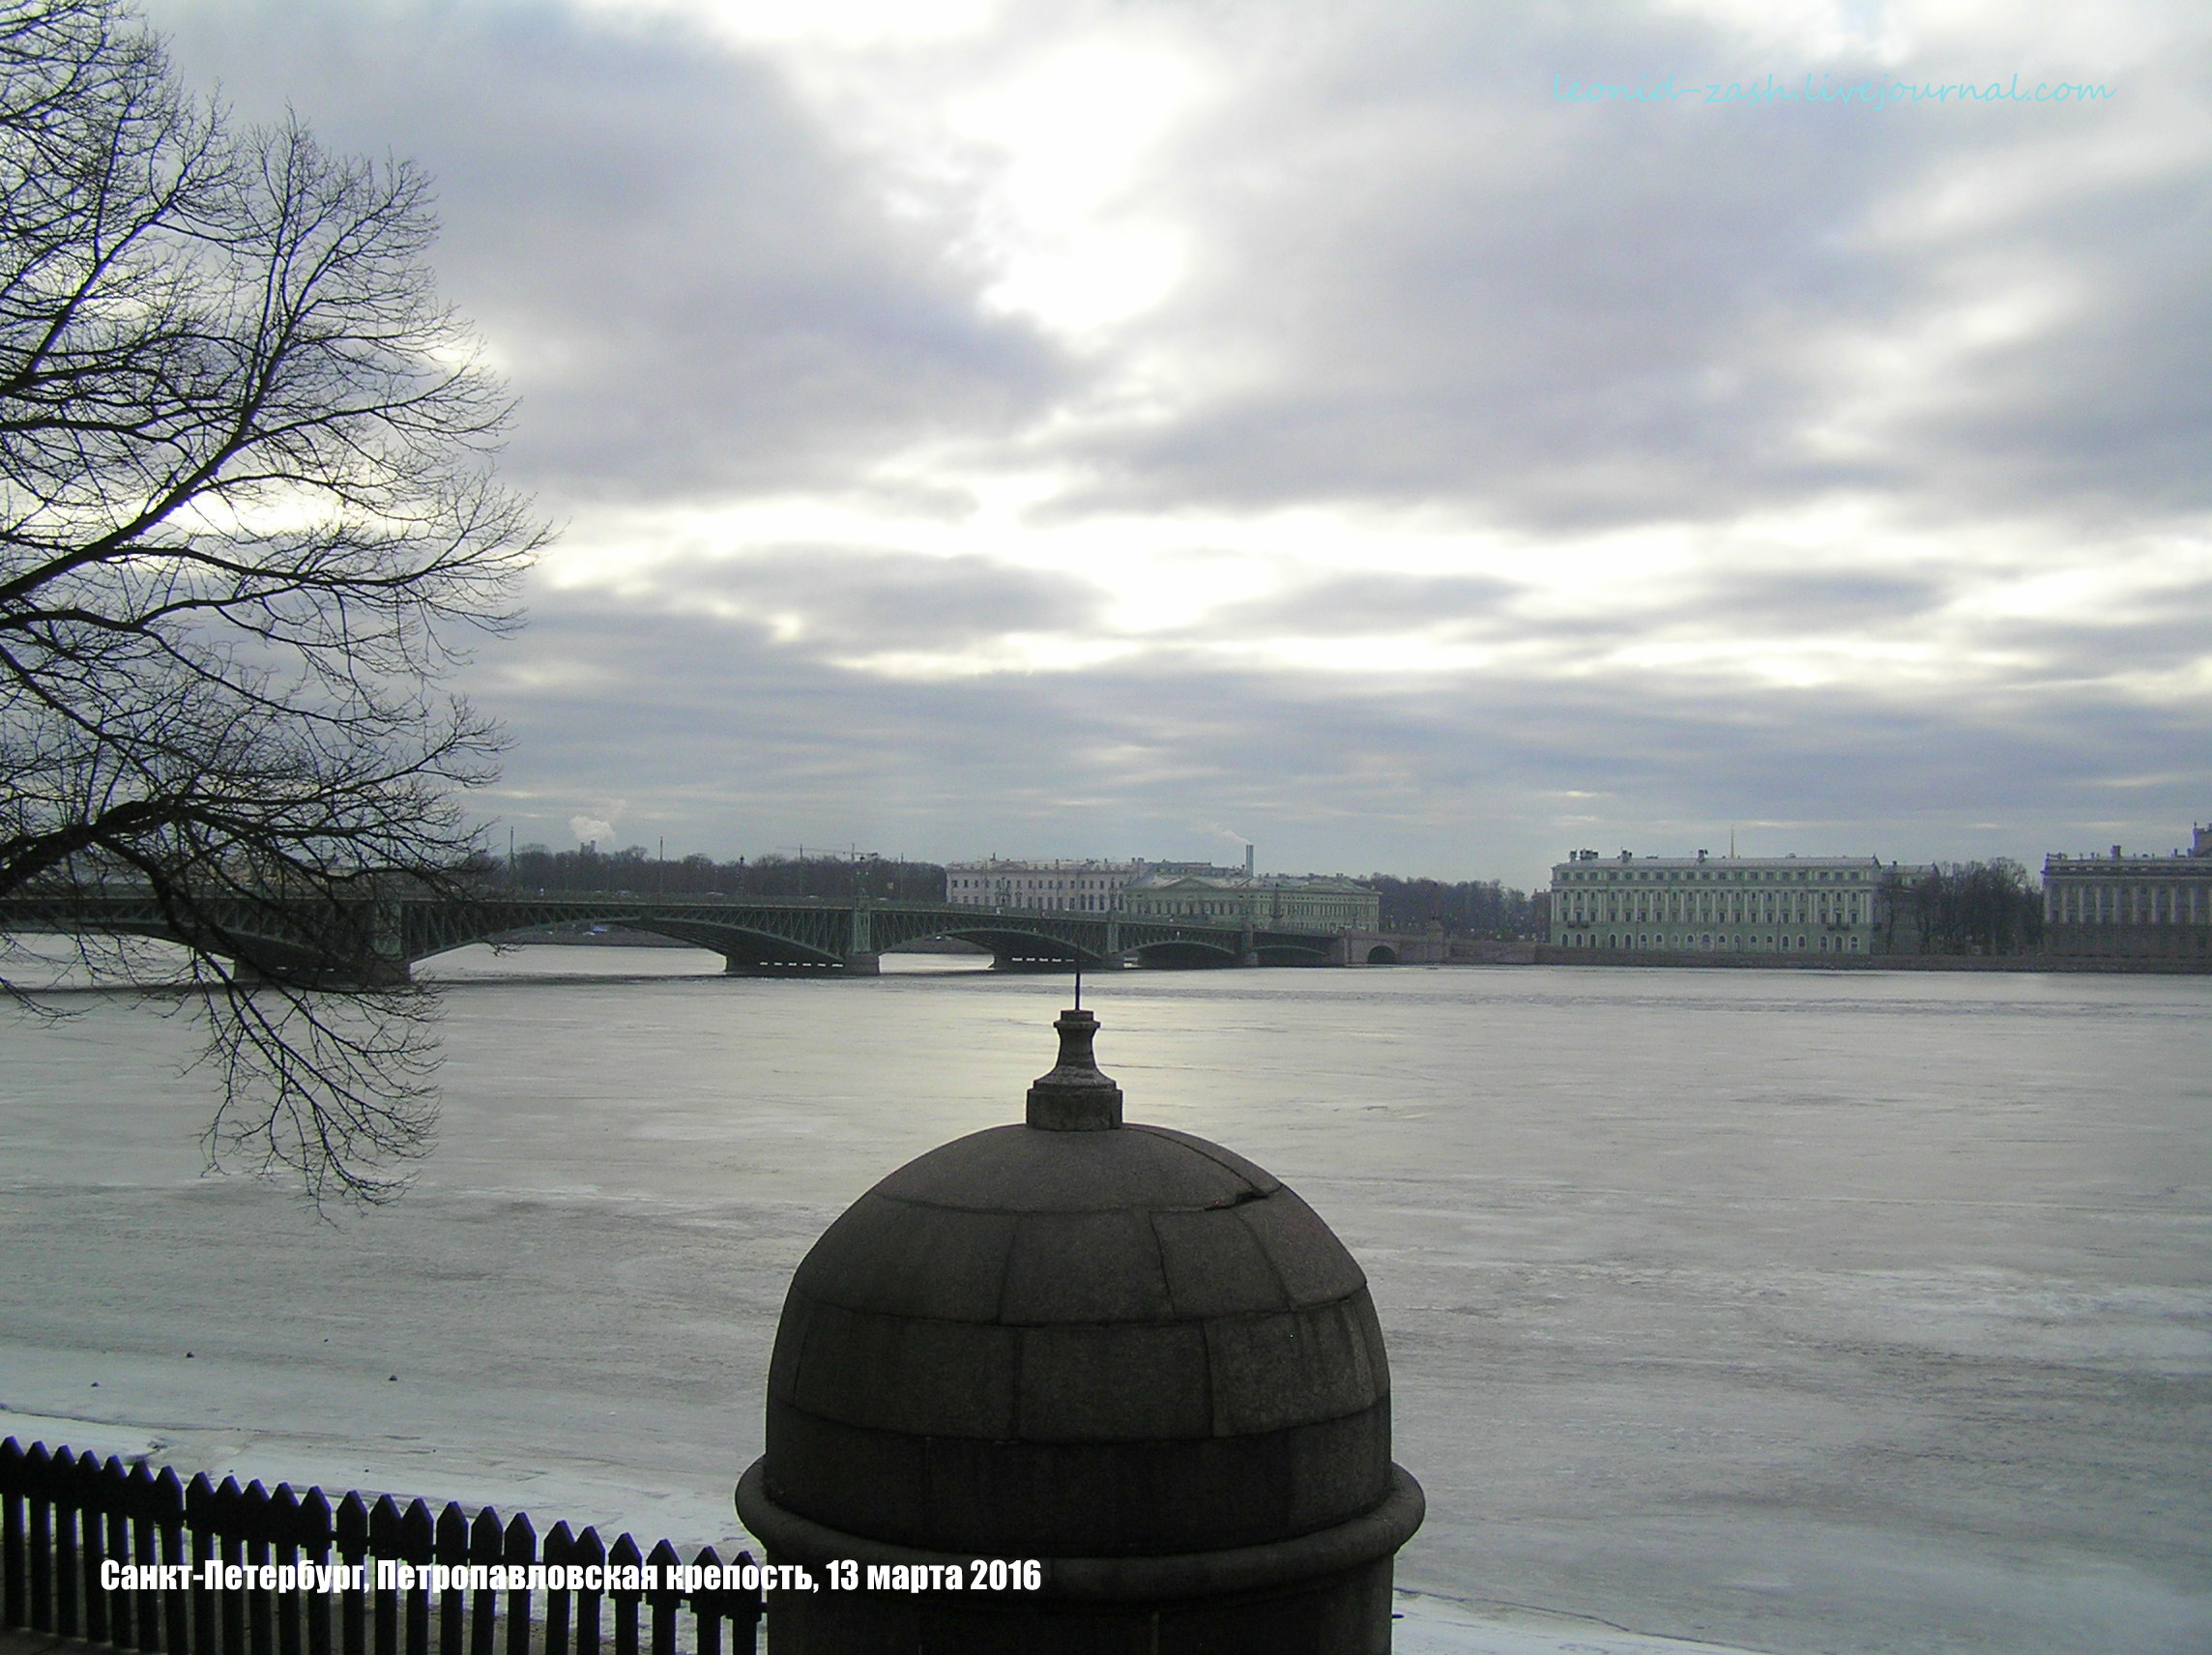 Петропавловская крепость 20.JPG